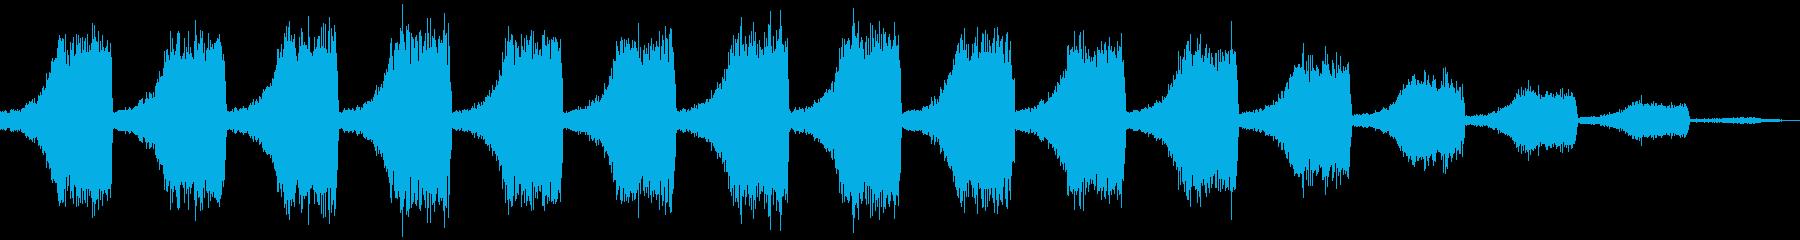 【ノイズ】シュシュシュ・・・・の再生済みの波形